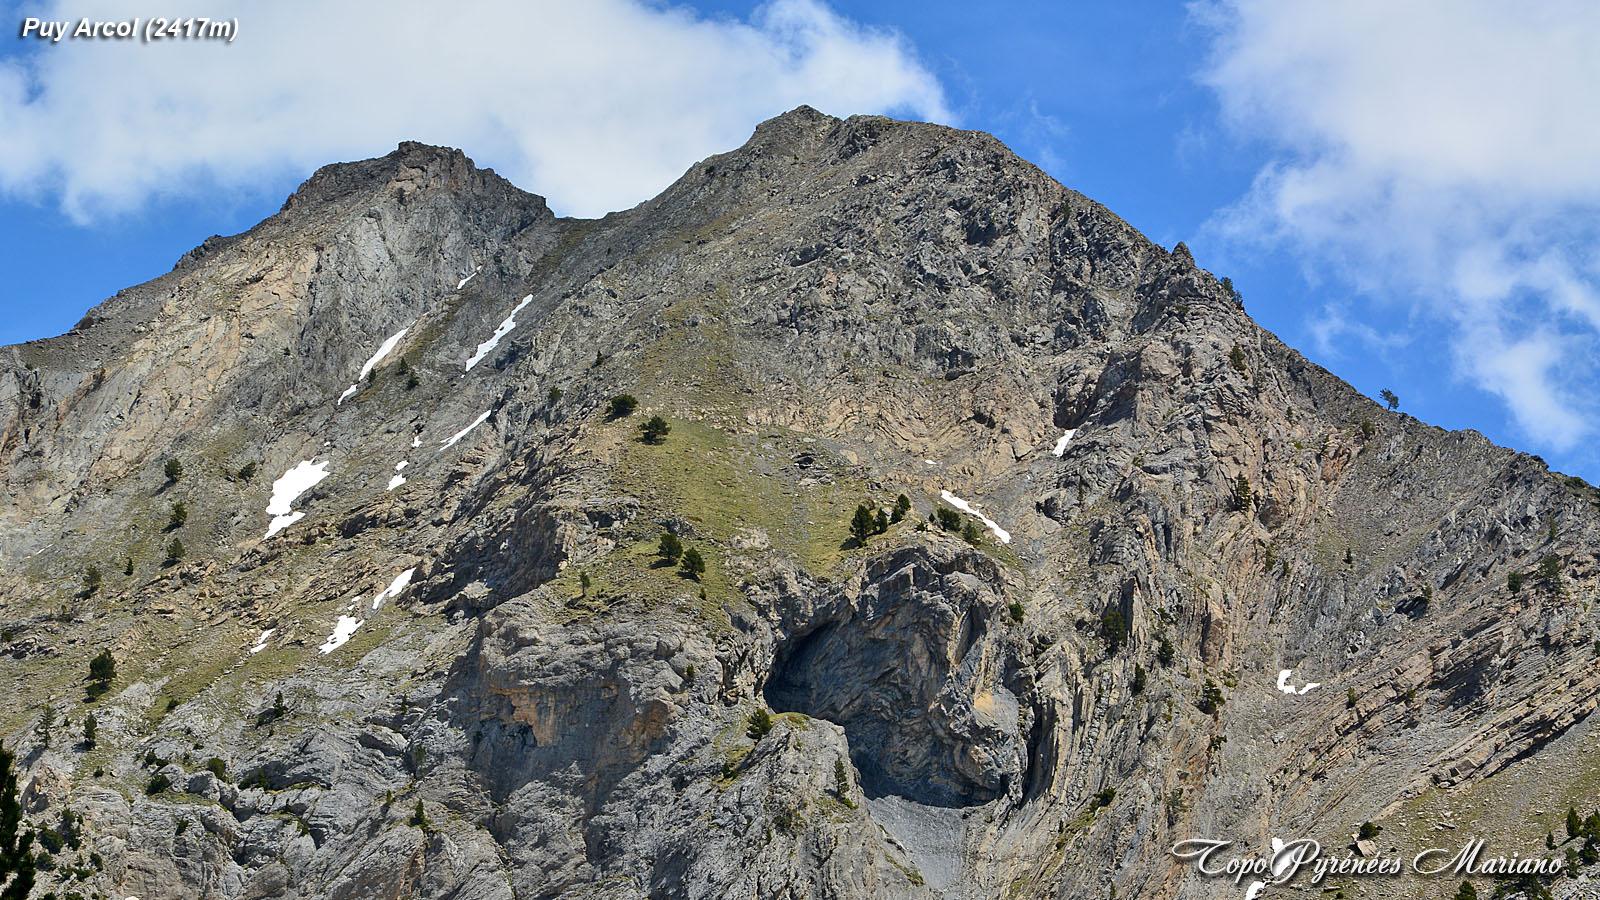 Randonnée Puy Arcol (2417m)